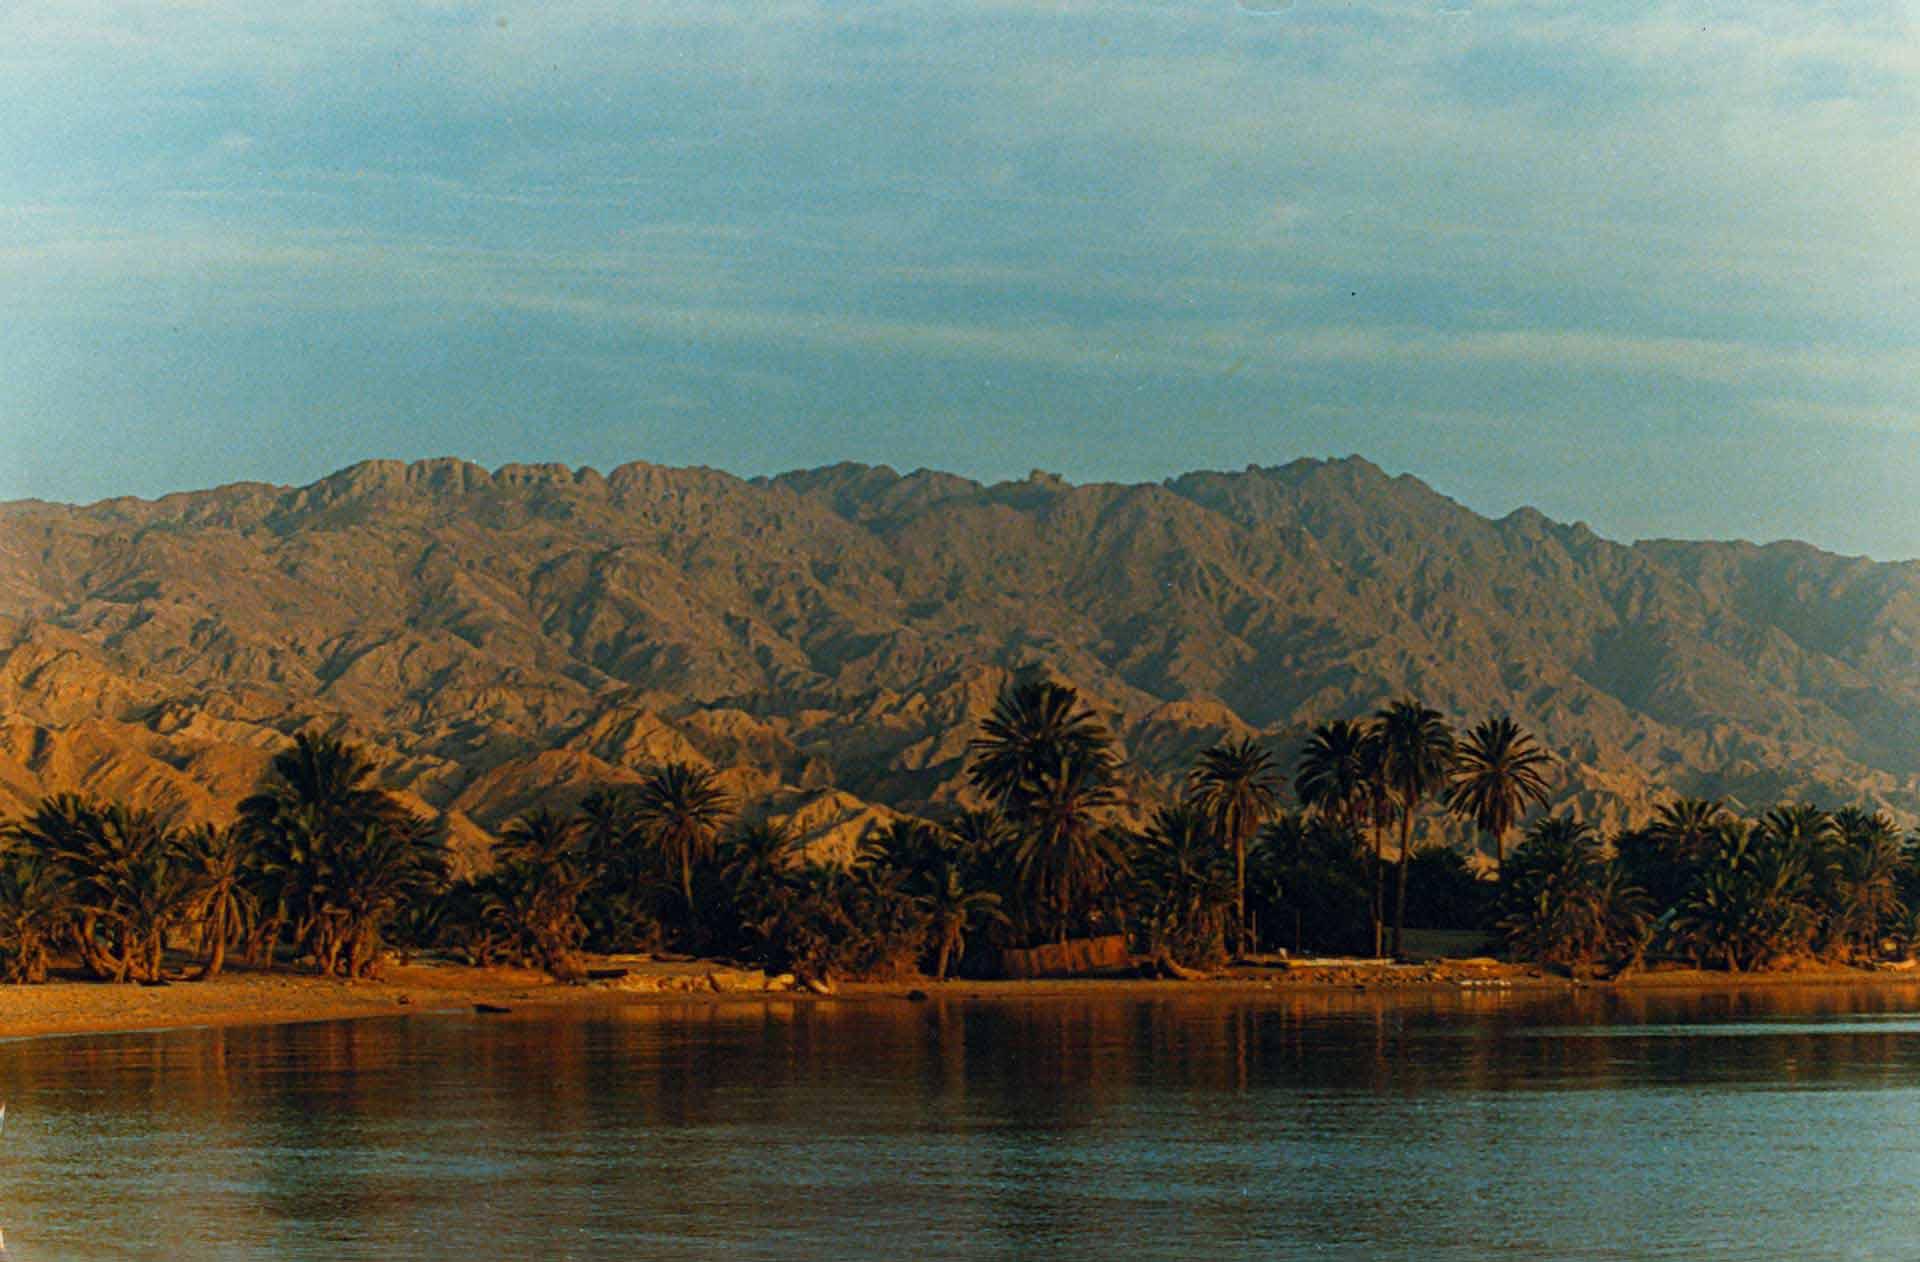 Sinai_Dahab